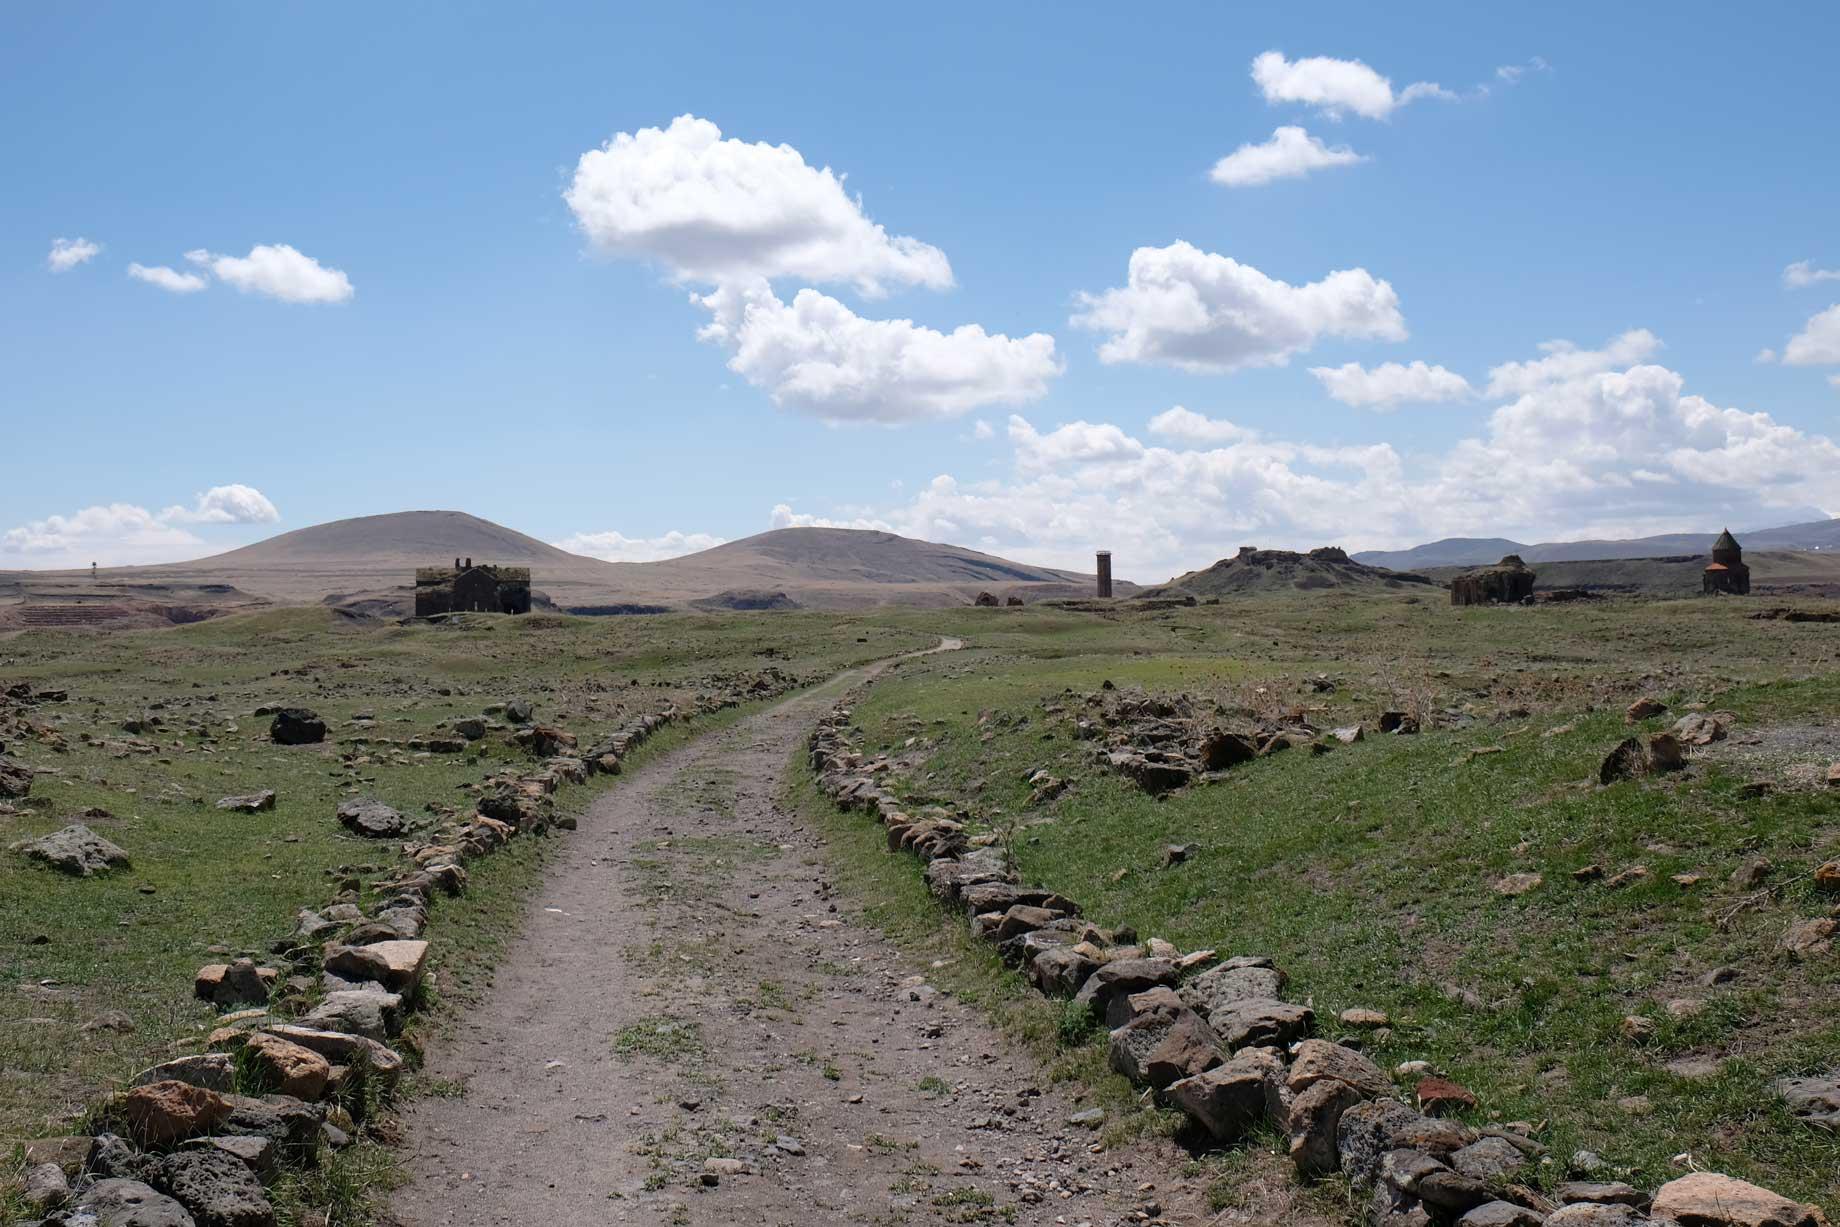 Von der Stadtmauer aus erkannt man in der Ferne einige scheinbar gut erhaltene Gebäude